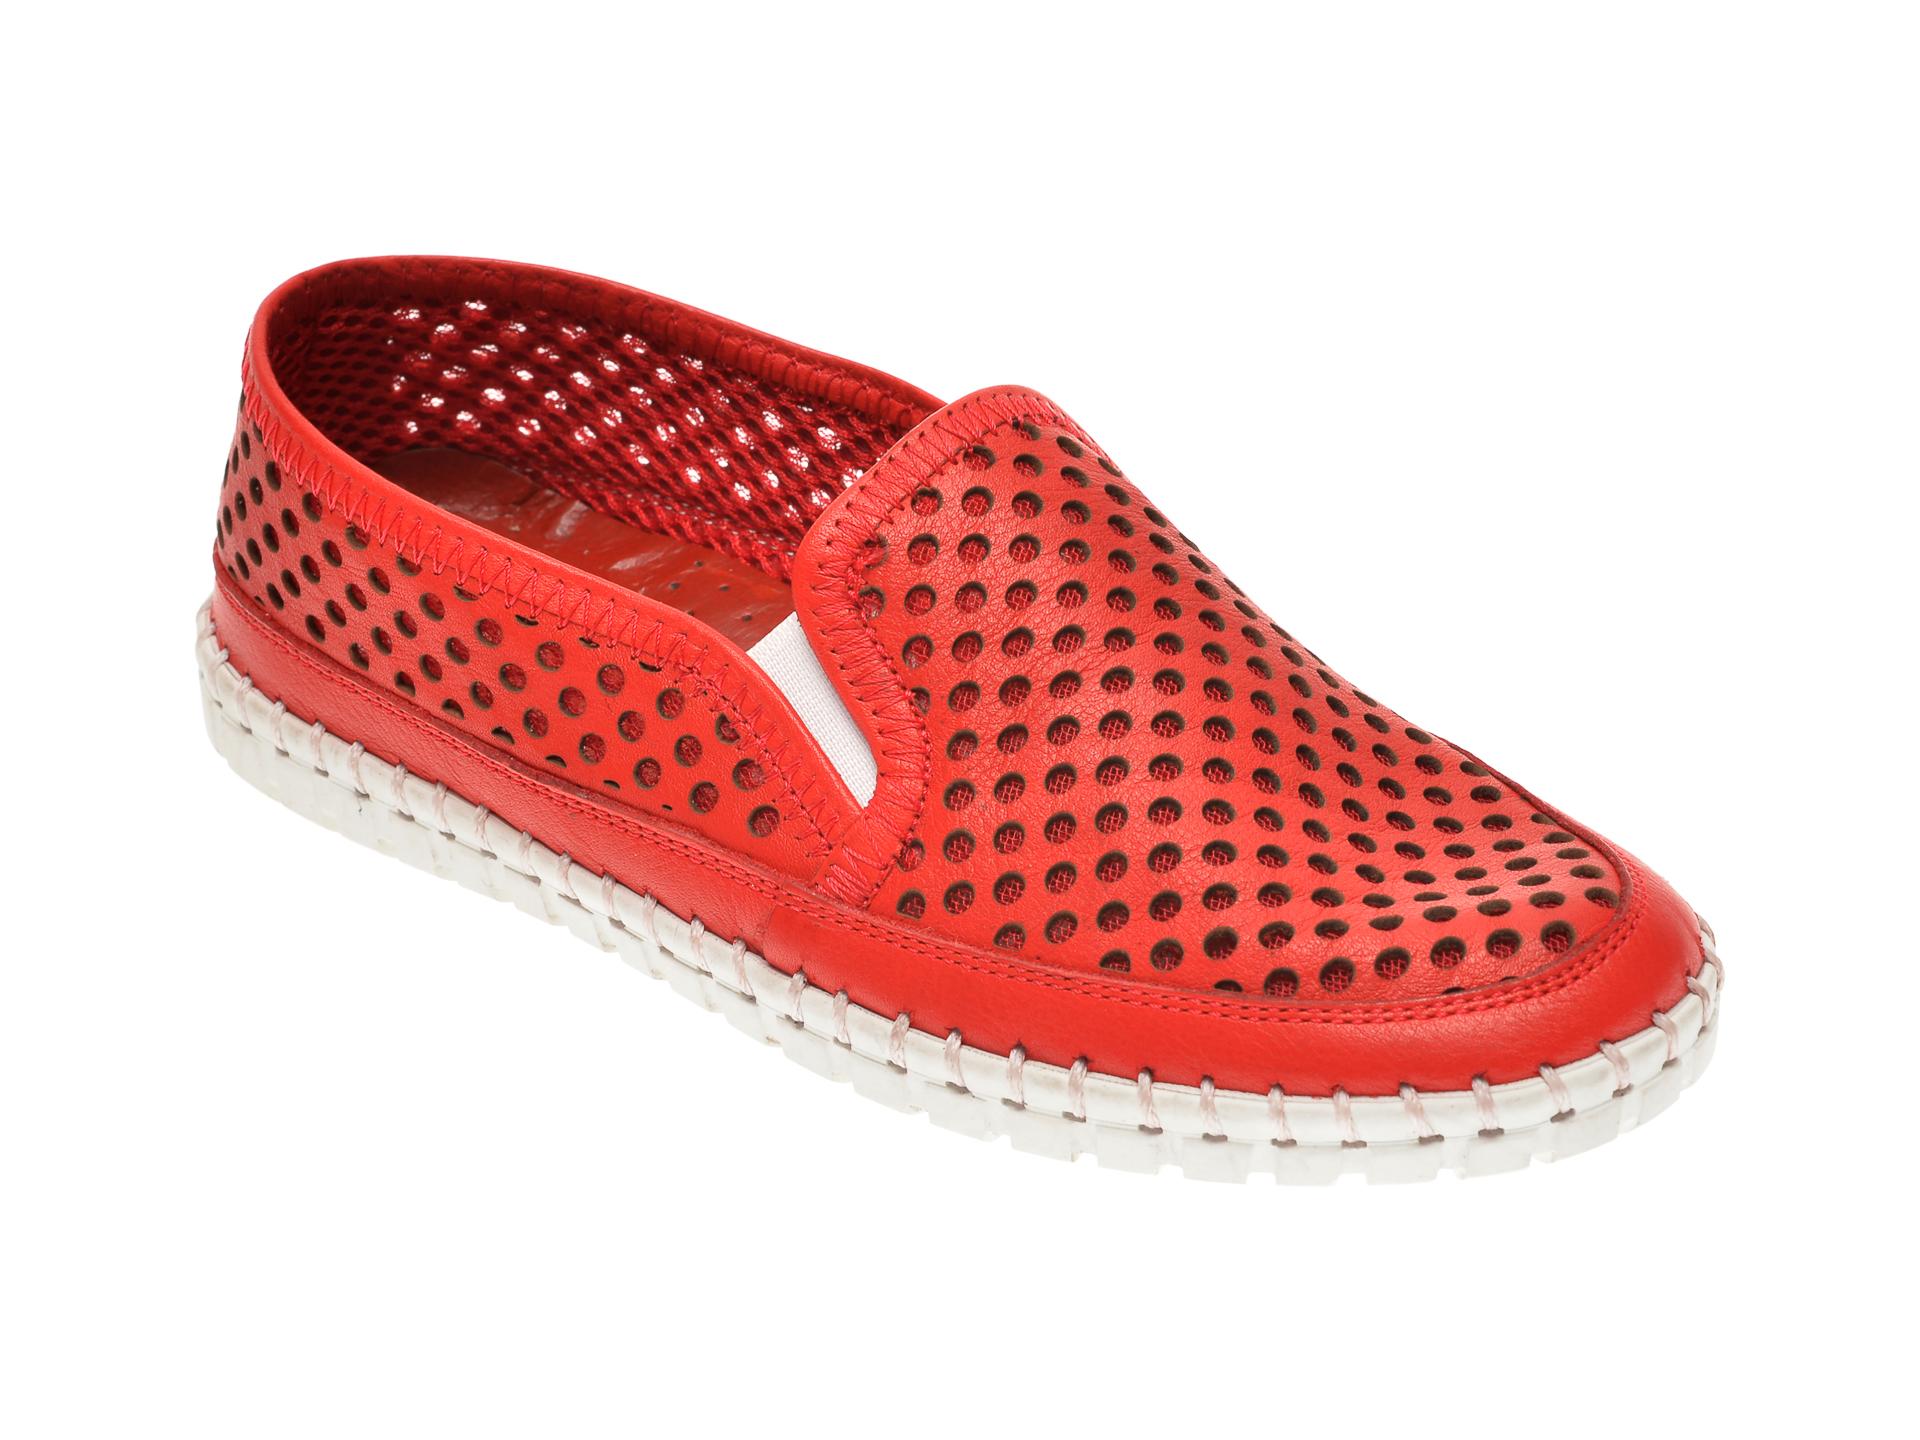 Pantofi PASS COLLECTION rosii, 0580, din piele naturala